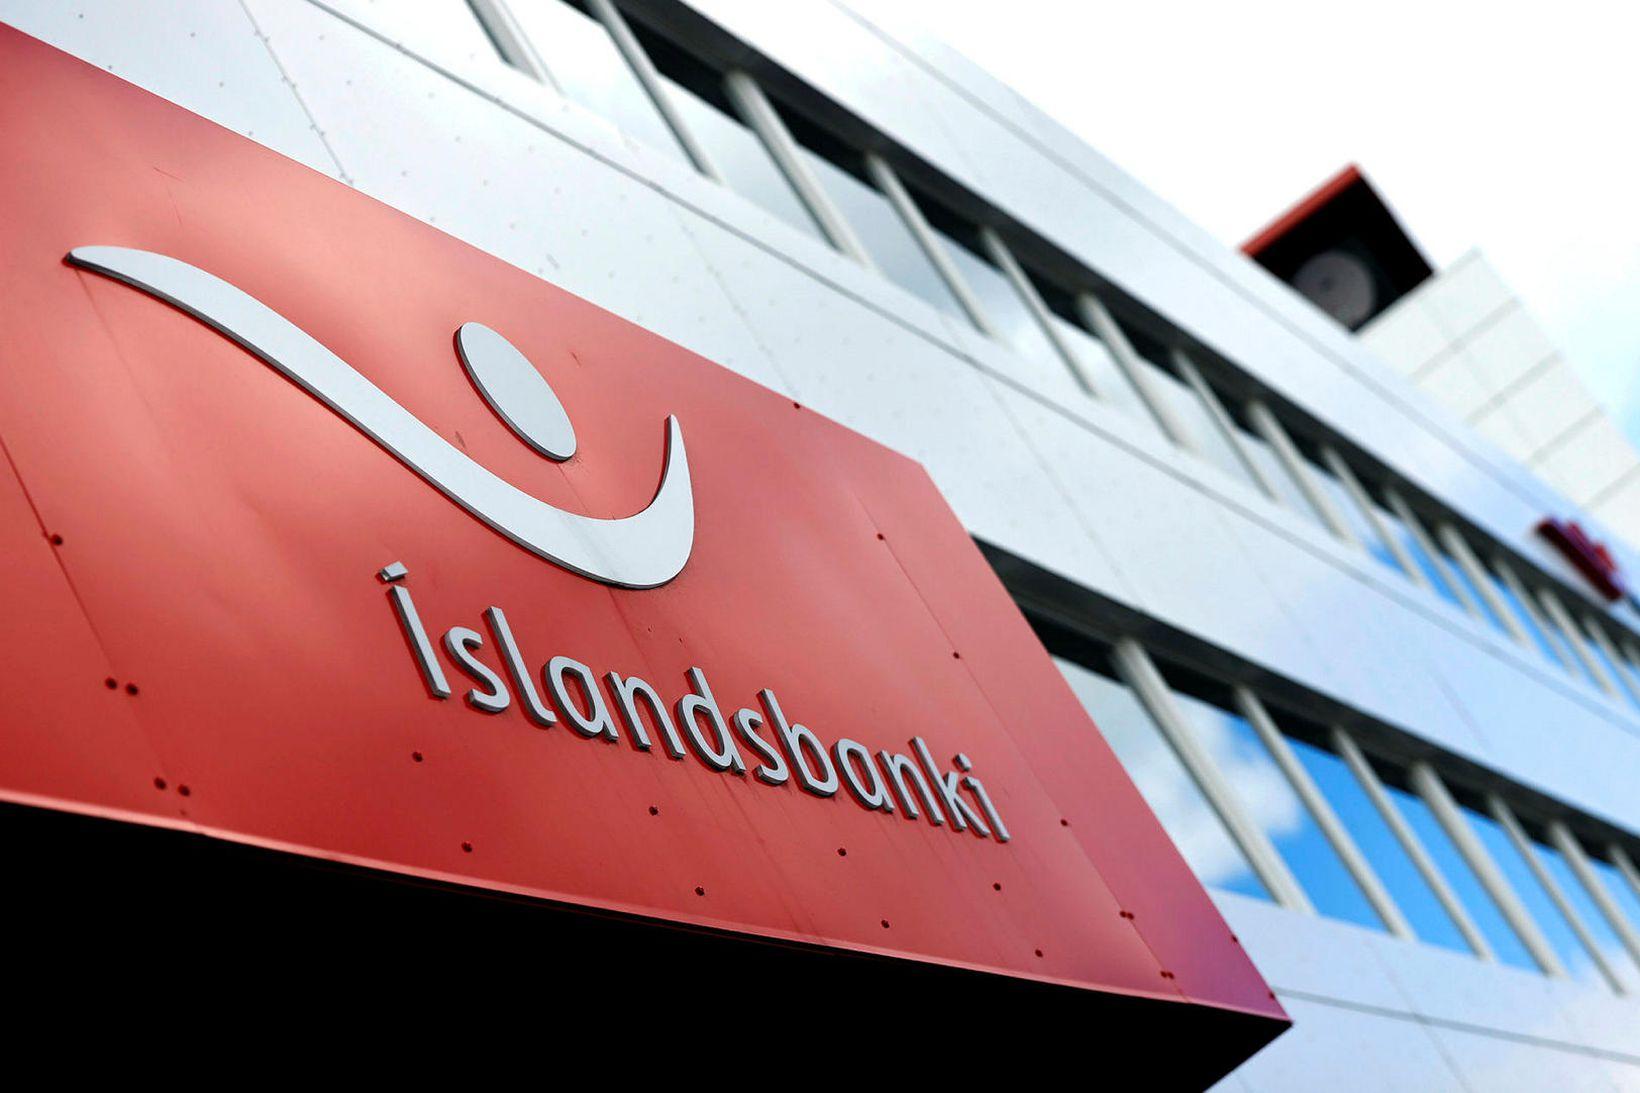 Íslandsbanki spáir því að hægja muni á vexti hagkerfisins.